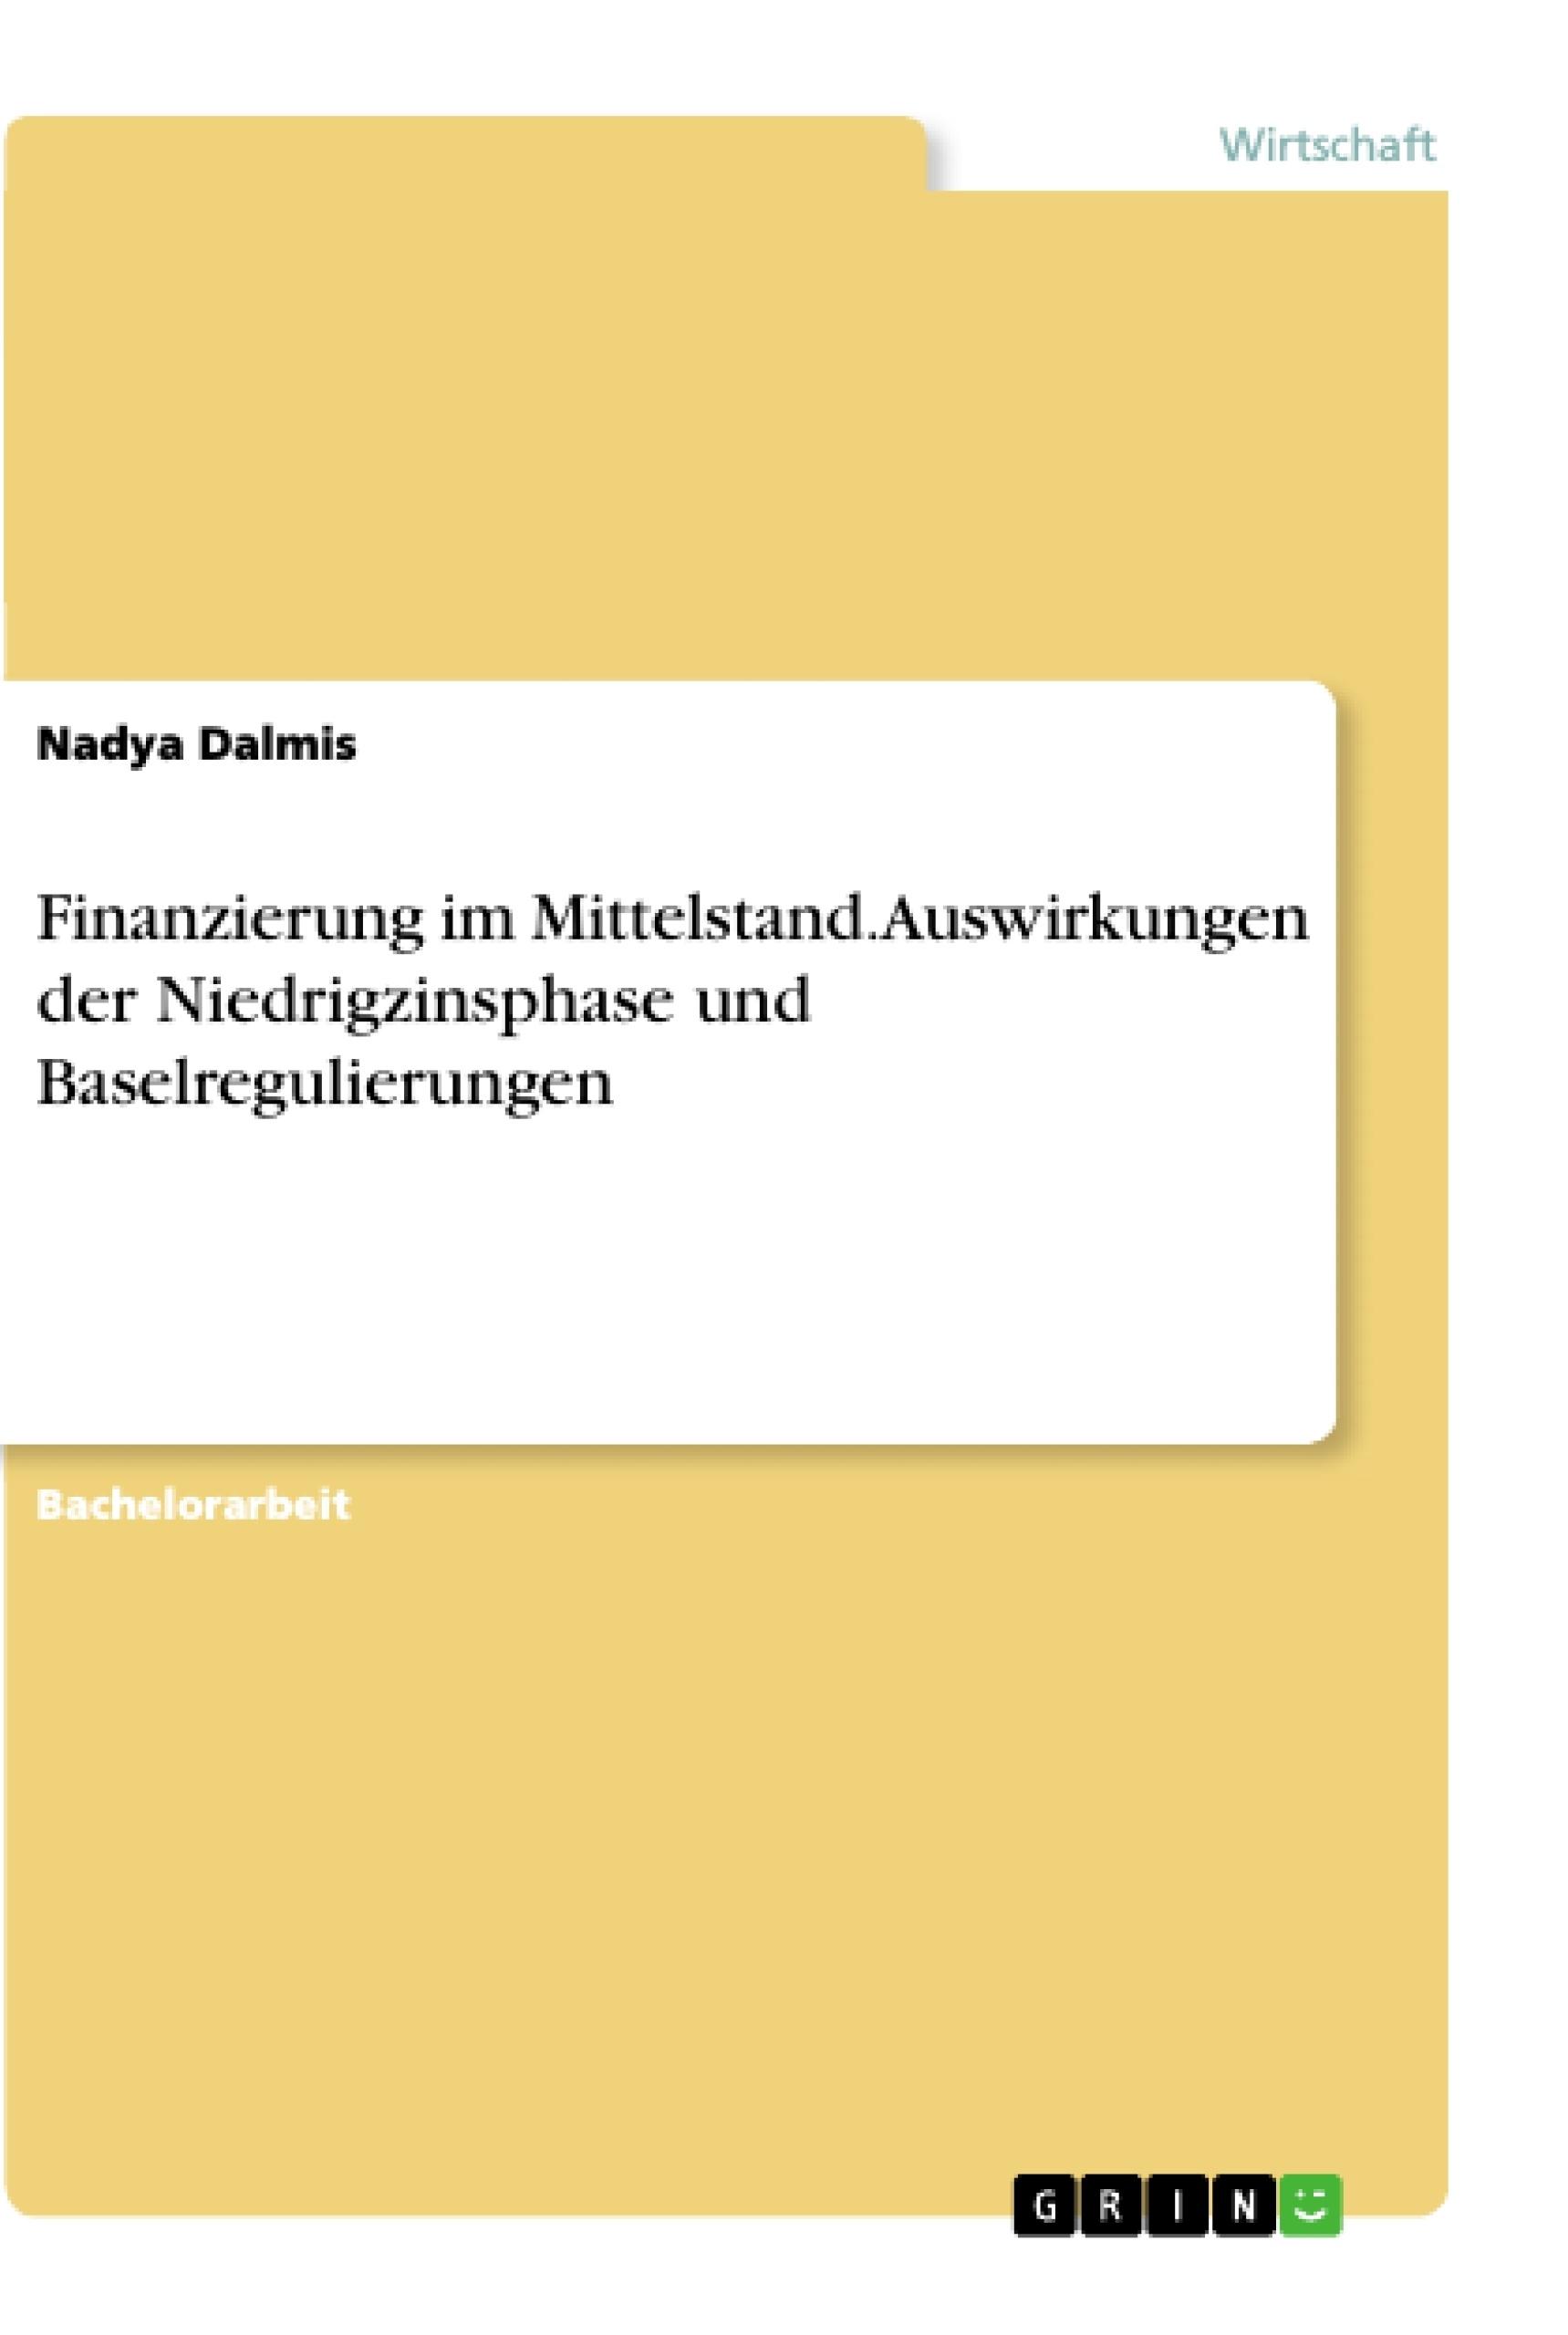 Titel: Finanzierung im Mittelstand. Auswirkungen der Niedrigzinsphase und Baselregulierungen